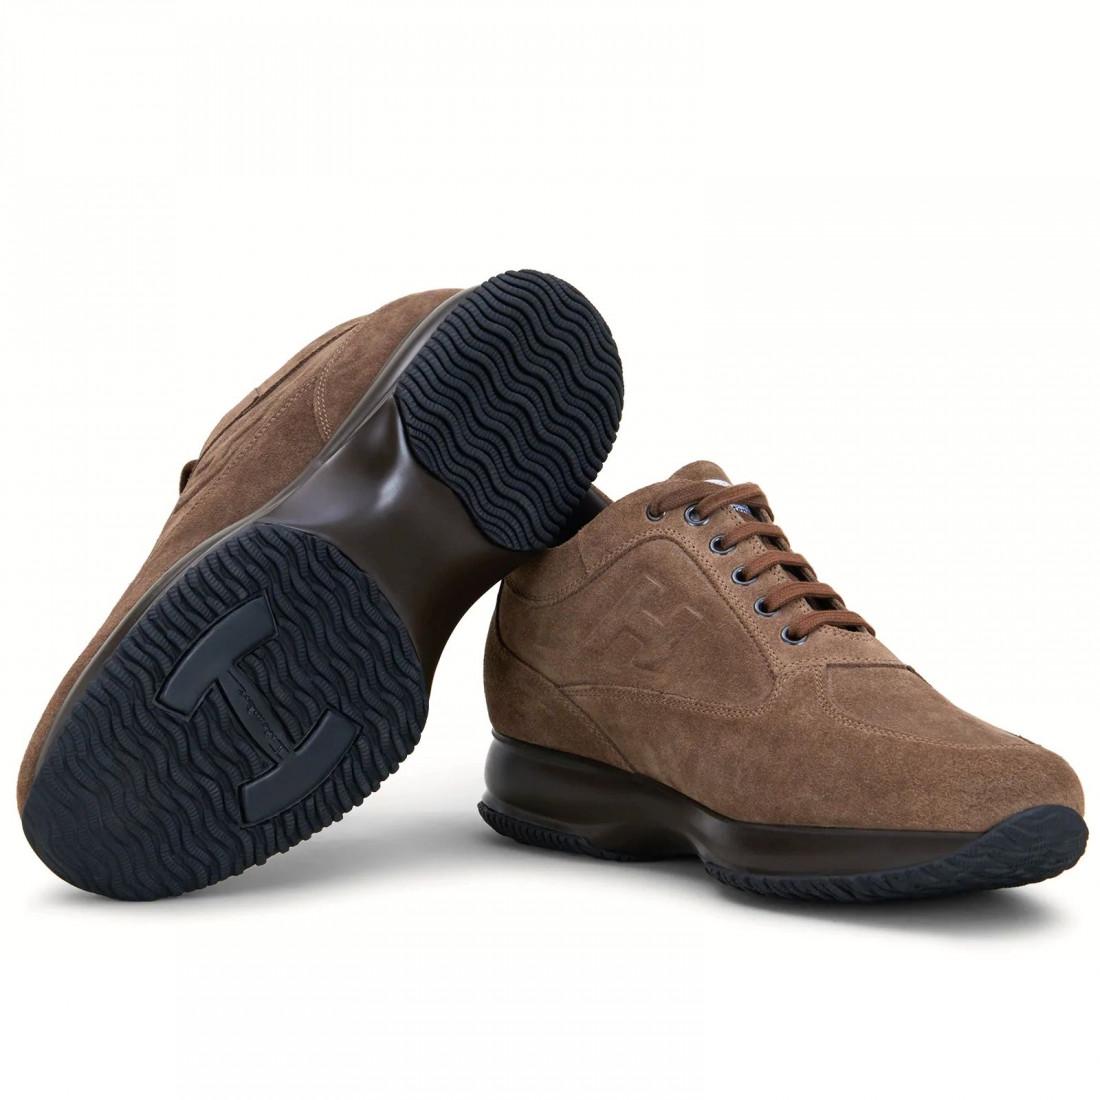 sneakers herren hogan hxm00n09042hg0s413 7568